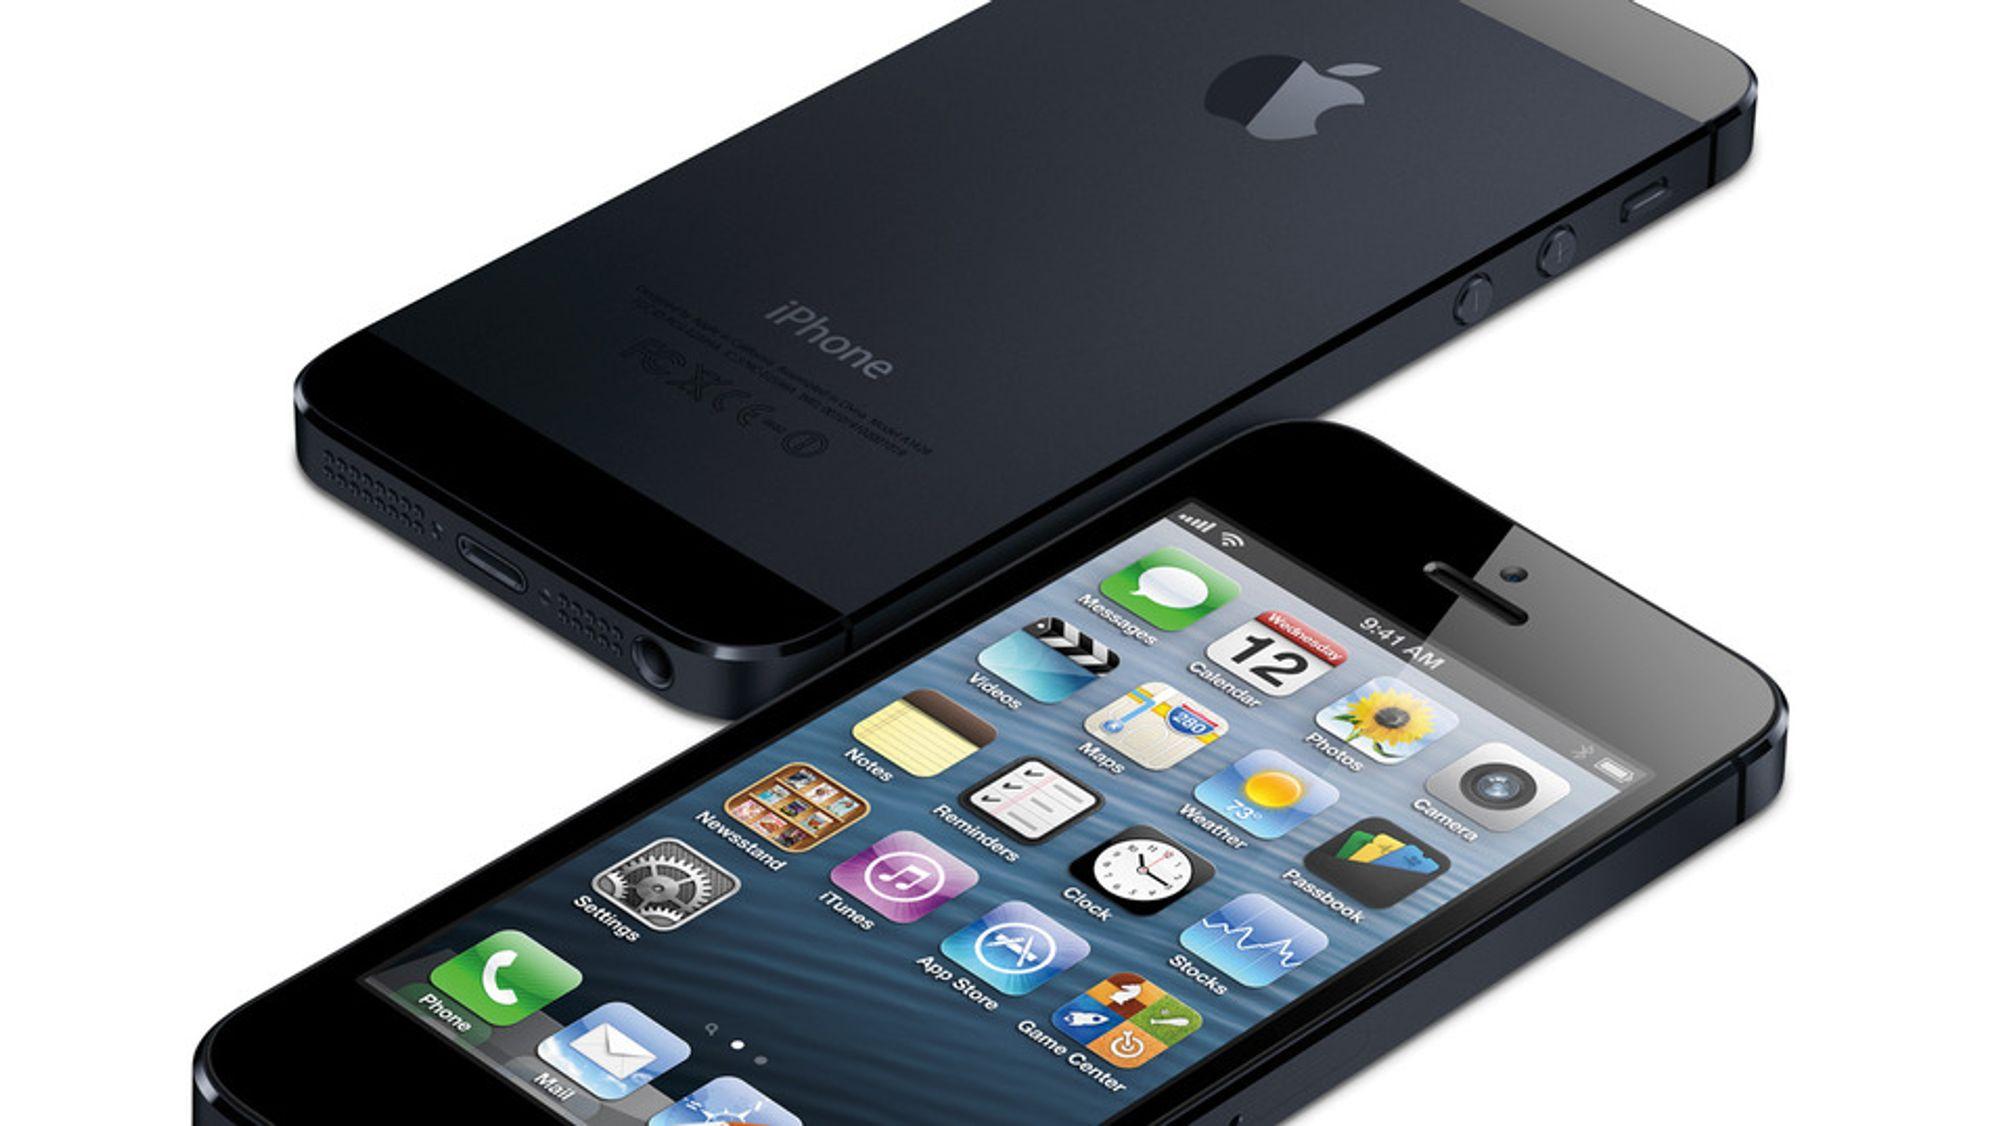 Iphone 5 kan gi EE et verdifullt 4G-forsprang på konkurrentene. Nå truer de med å saksøke Ofcom.